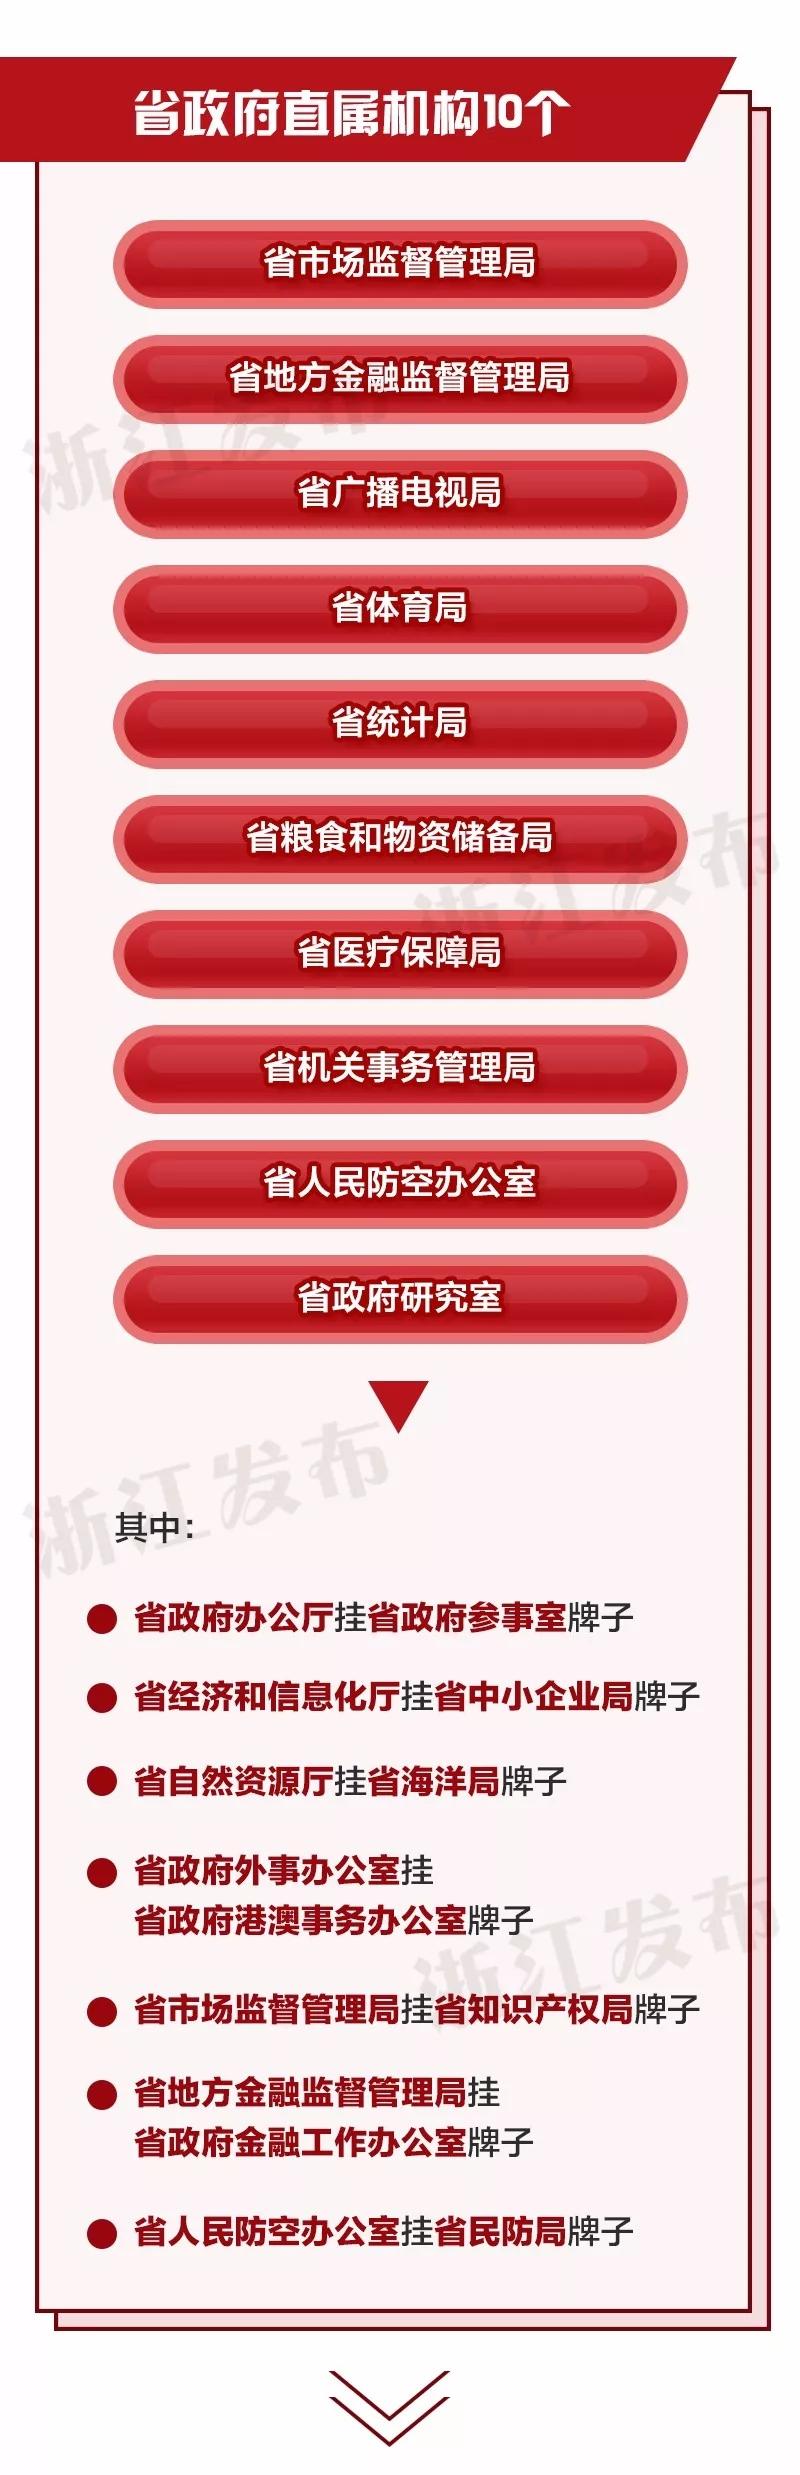 重磅!浙江省机构改革方案公布